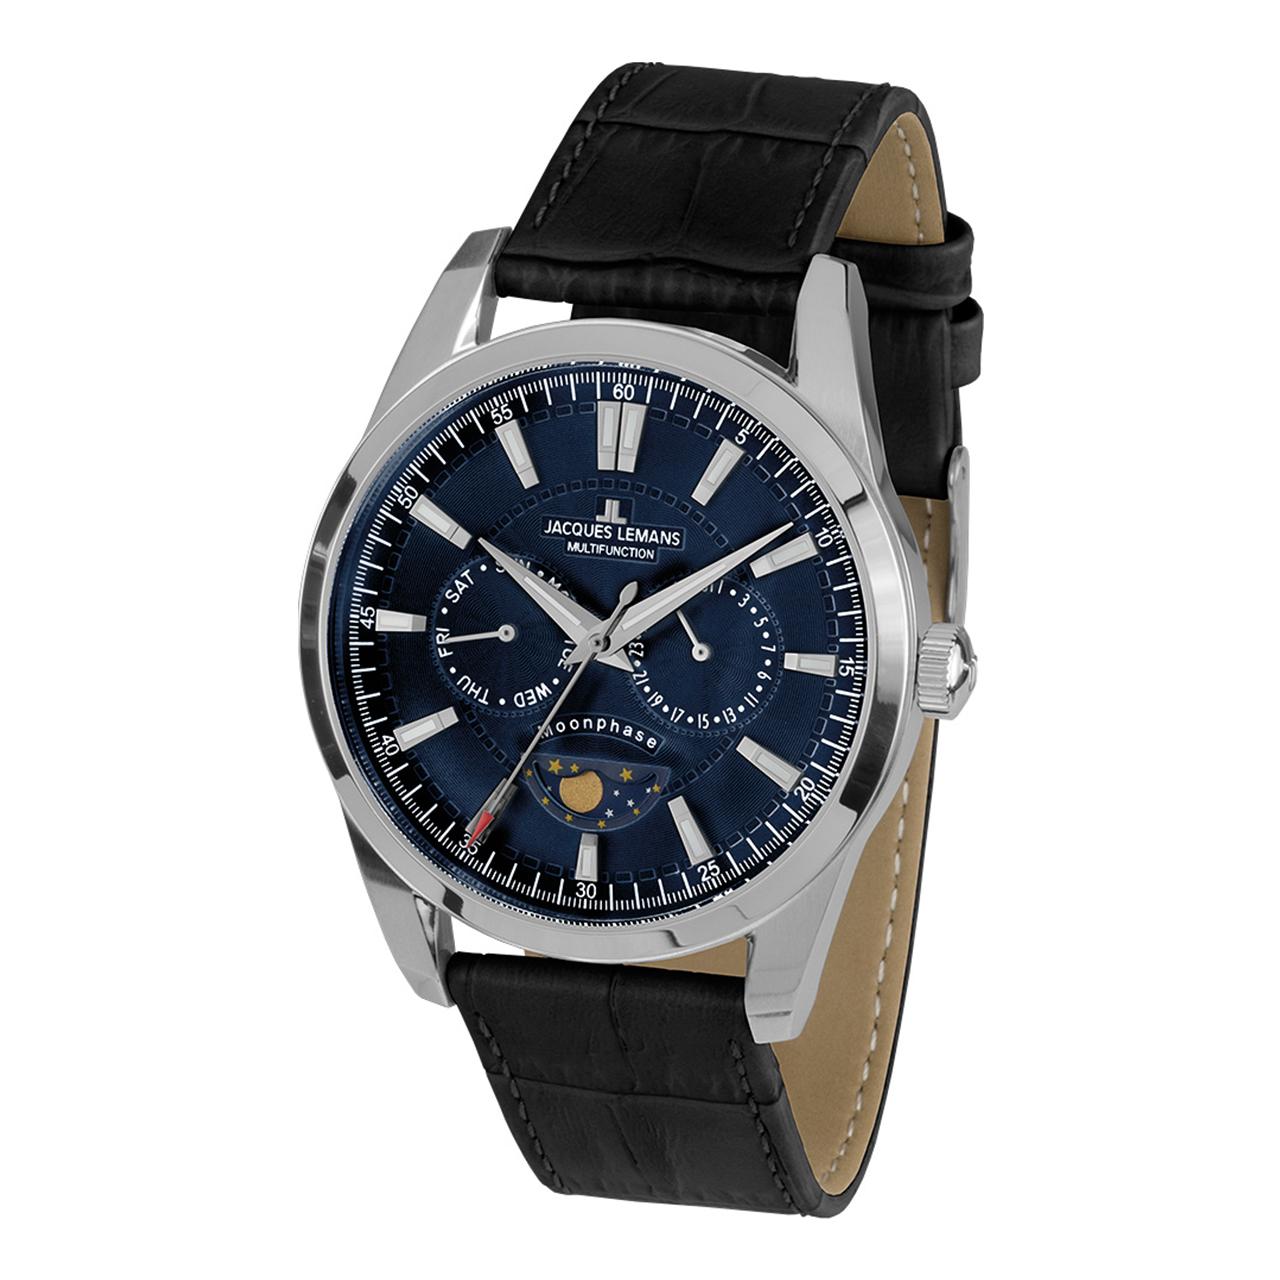 ساعت مچی عقربه ای ژاک لمن مدل 1-1901B